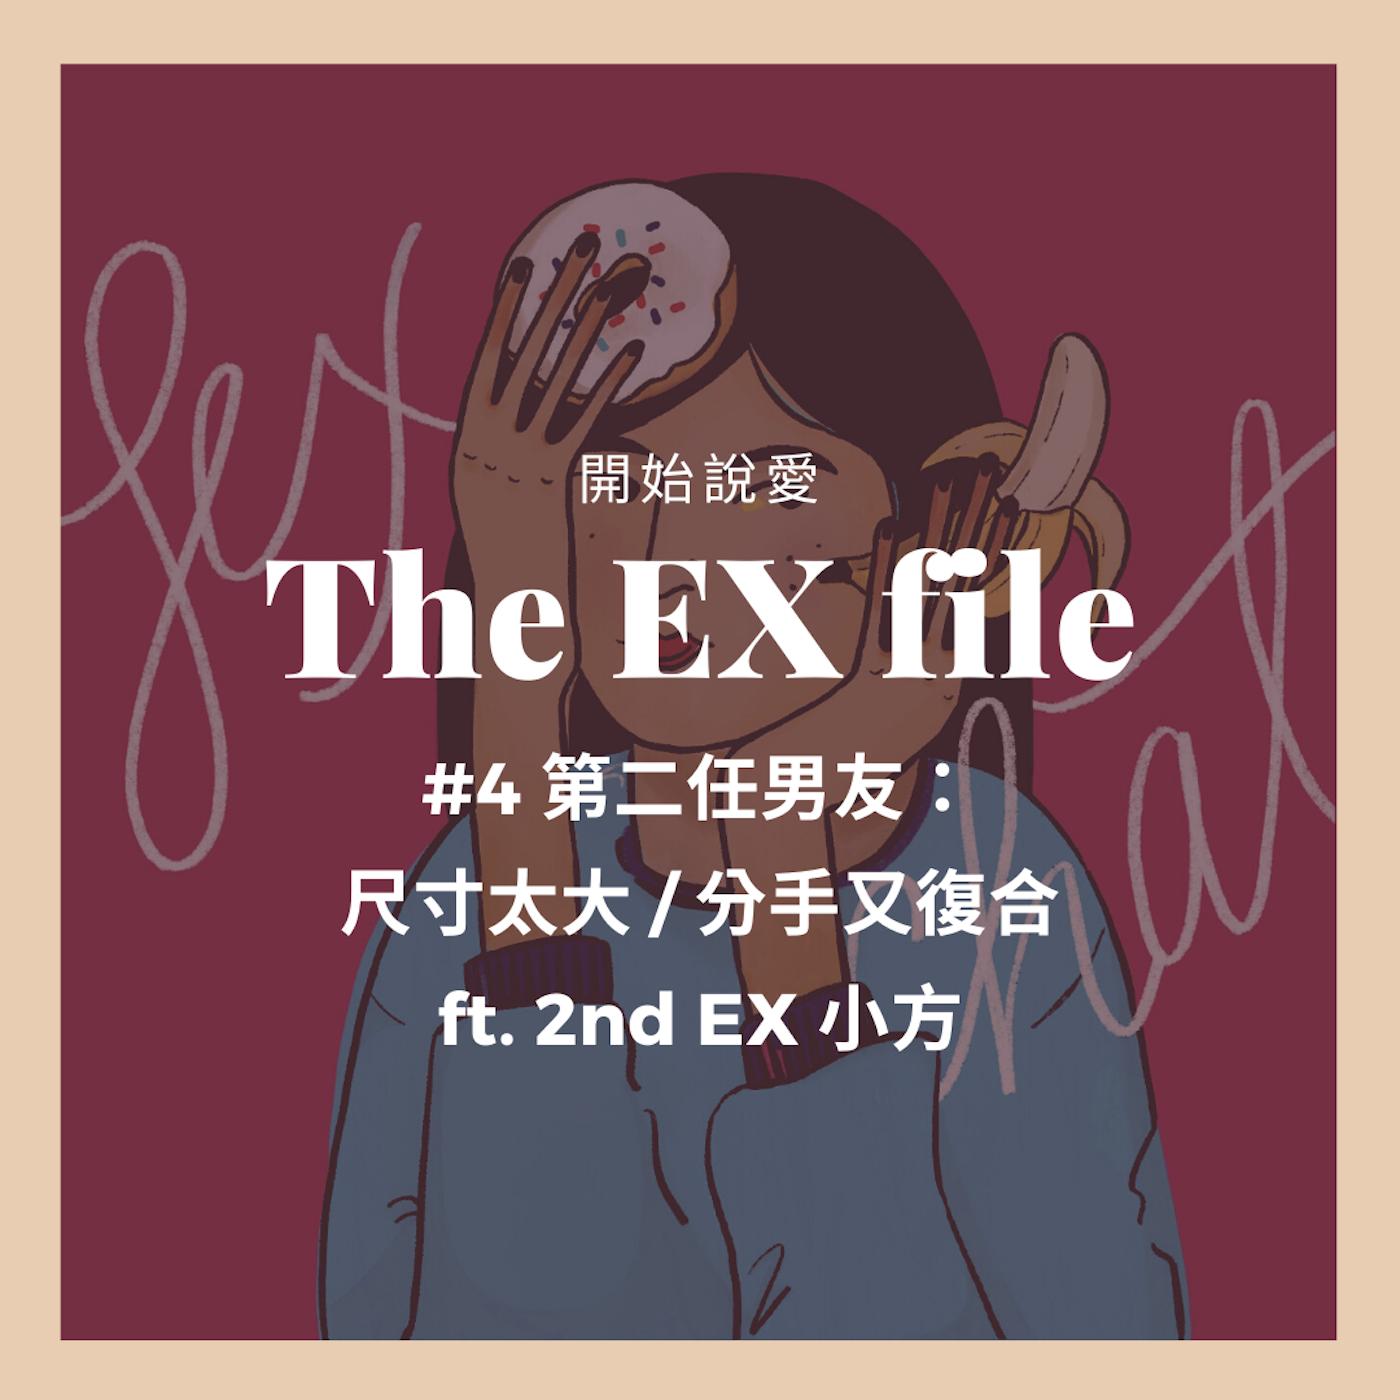 The EX file 開始說愛 #4 第二任男友: 尺寸太大 / 分手又復合 ft. 2nd EX 小方